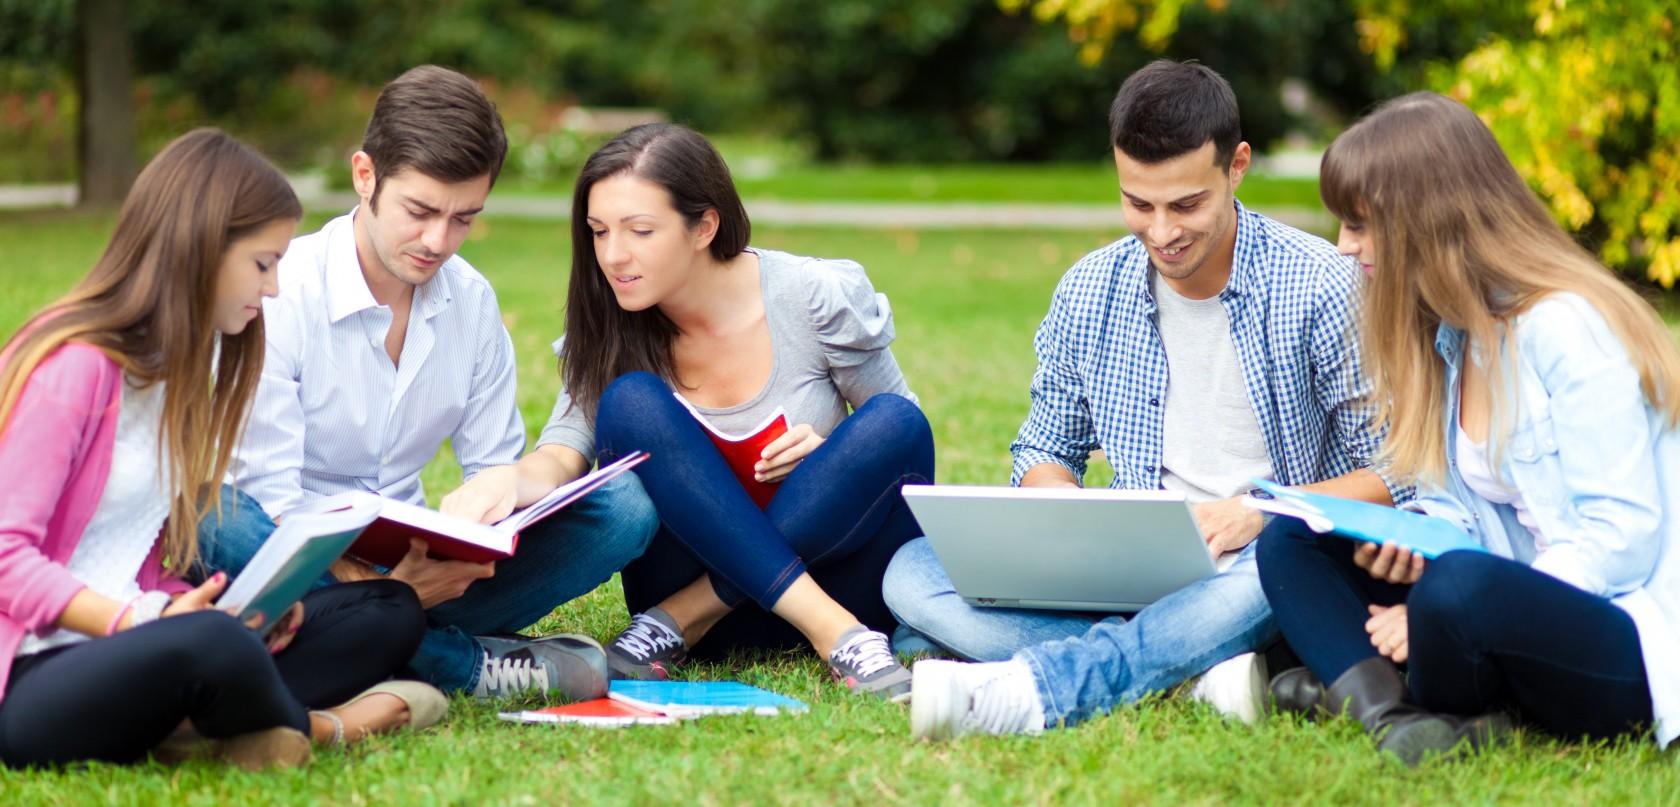 İngiltere lise eğitiminin tercih edilmesinin sebepleri nelerdir?